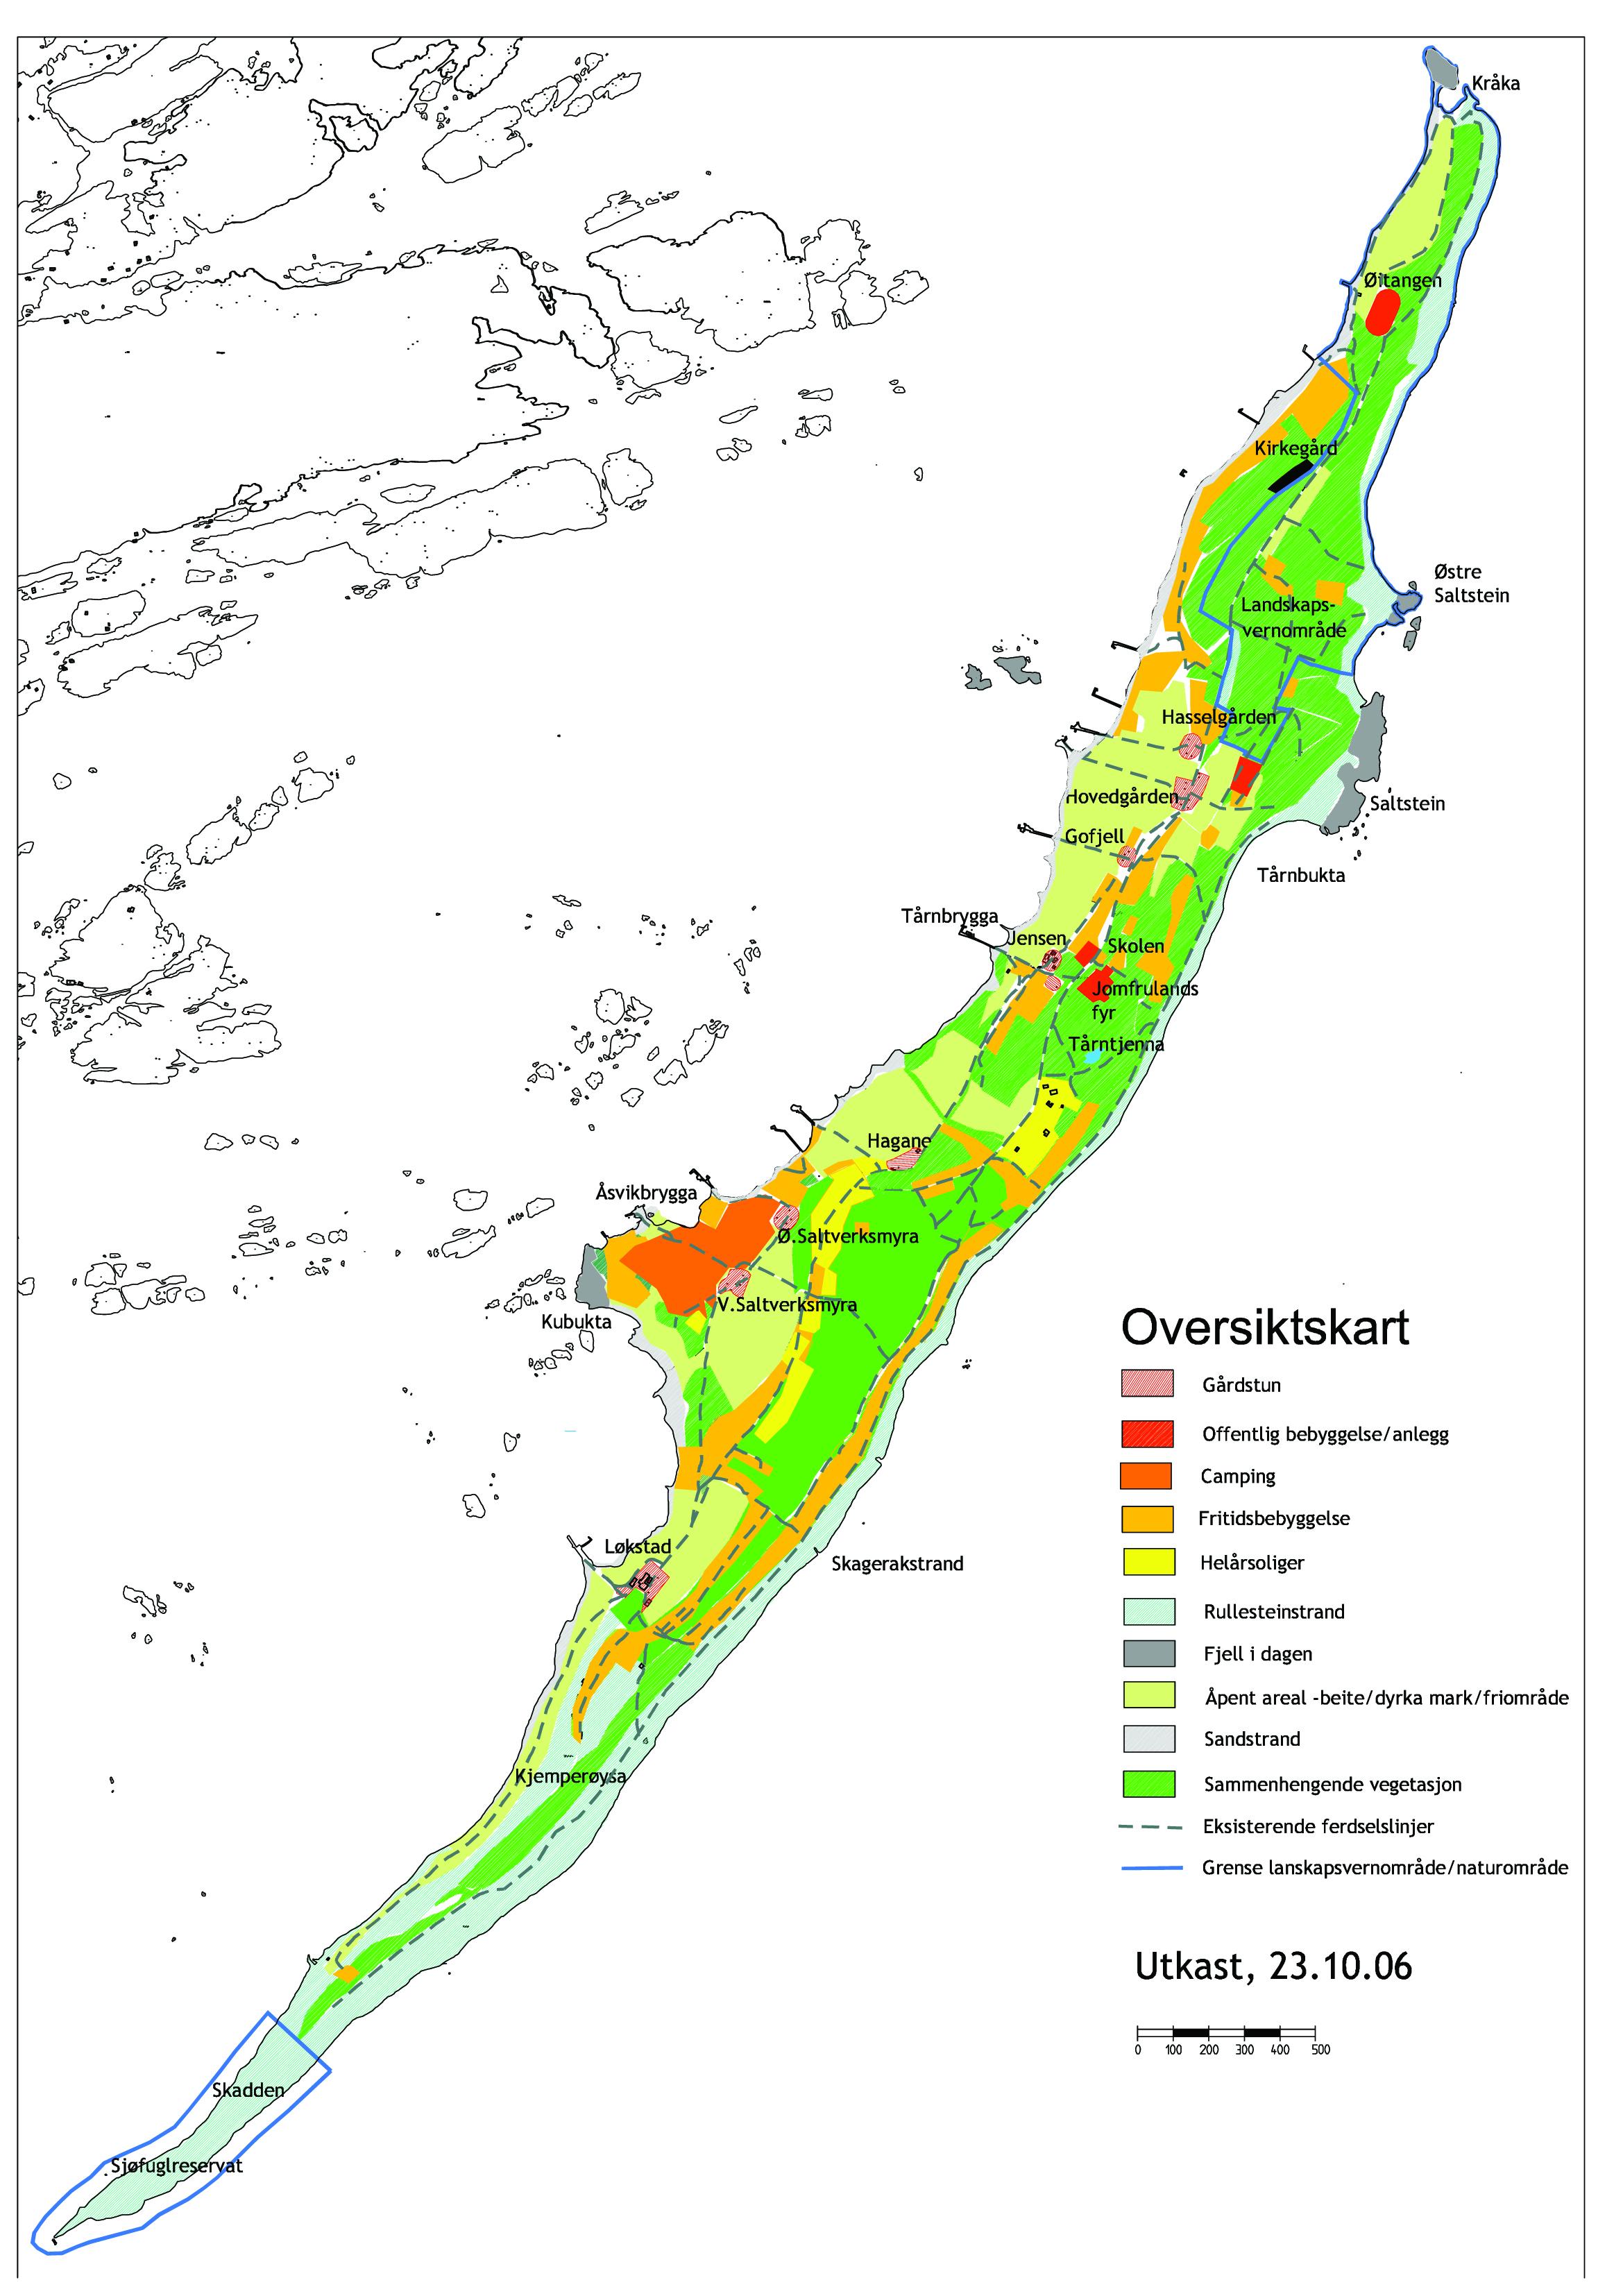 Oversiktskart kulturlandskap og bebyggelse